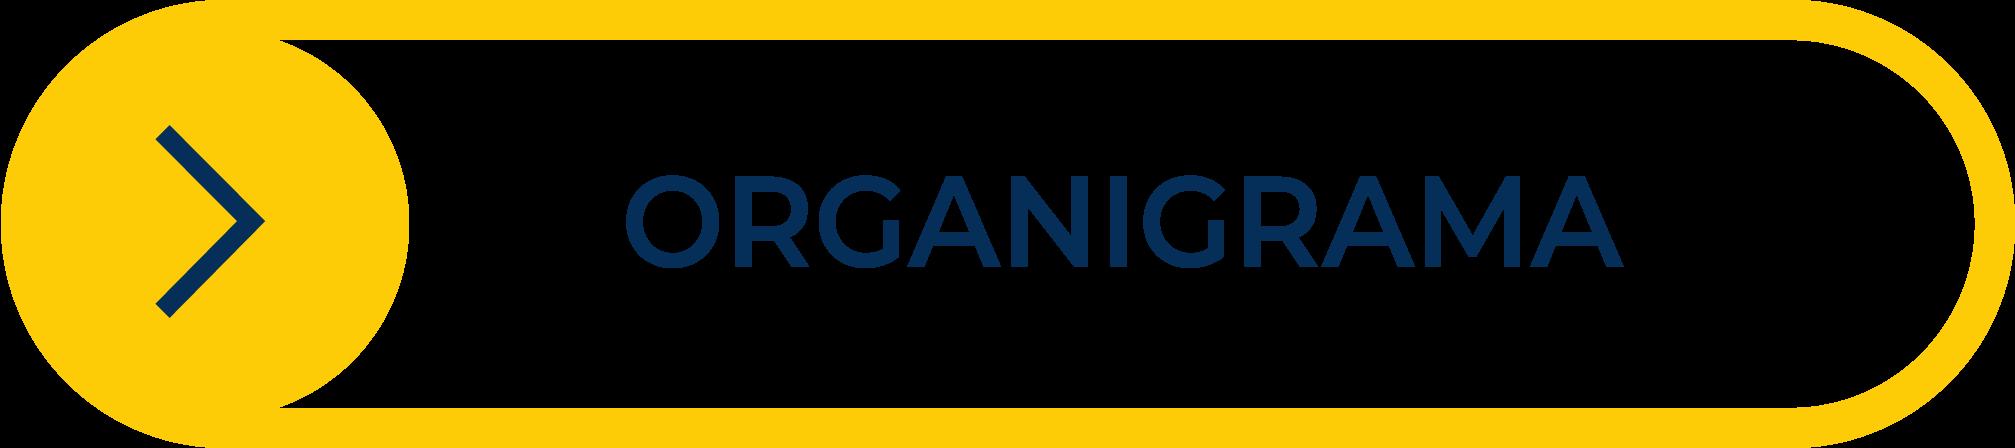 Imagen titulo Organigrama